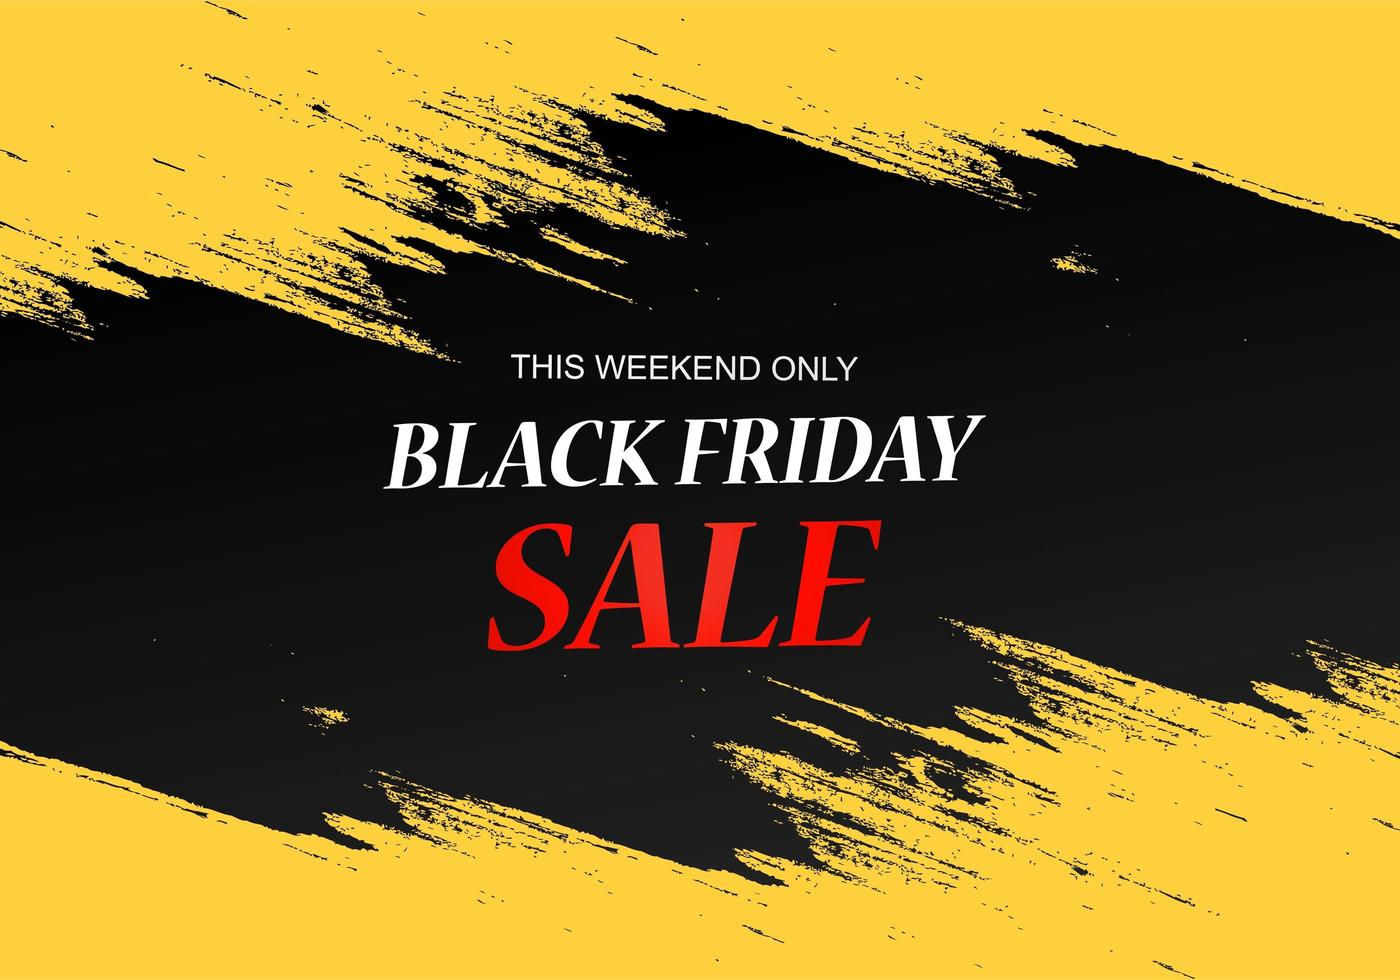 affiche de vente vendredi noir avec design de brosse vecteur